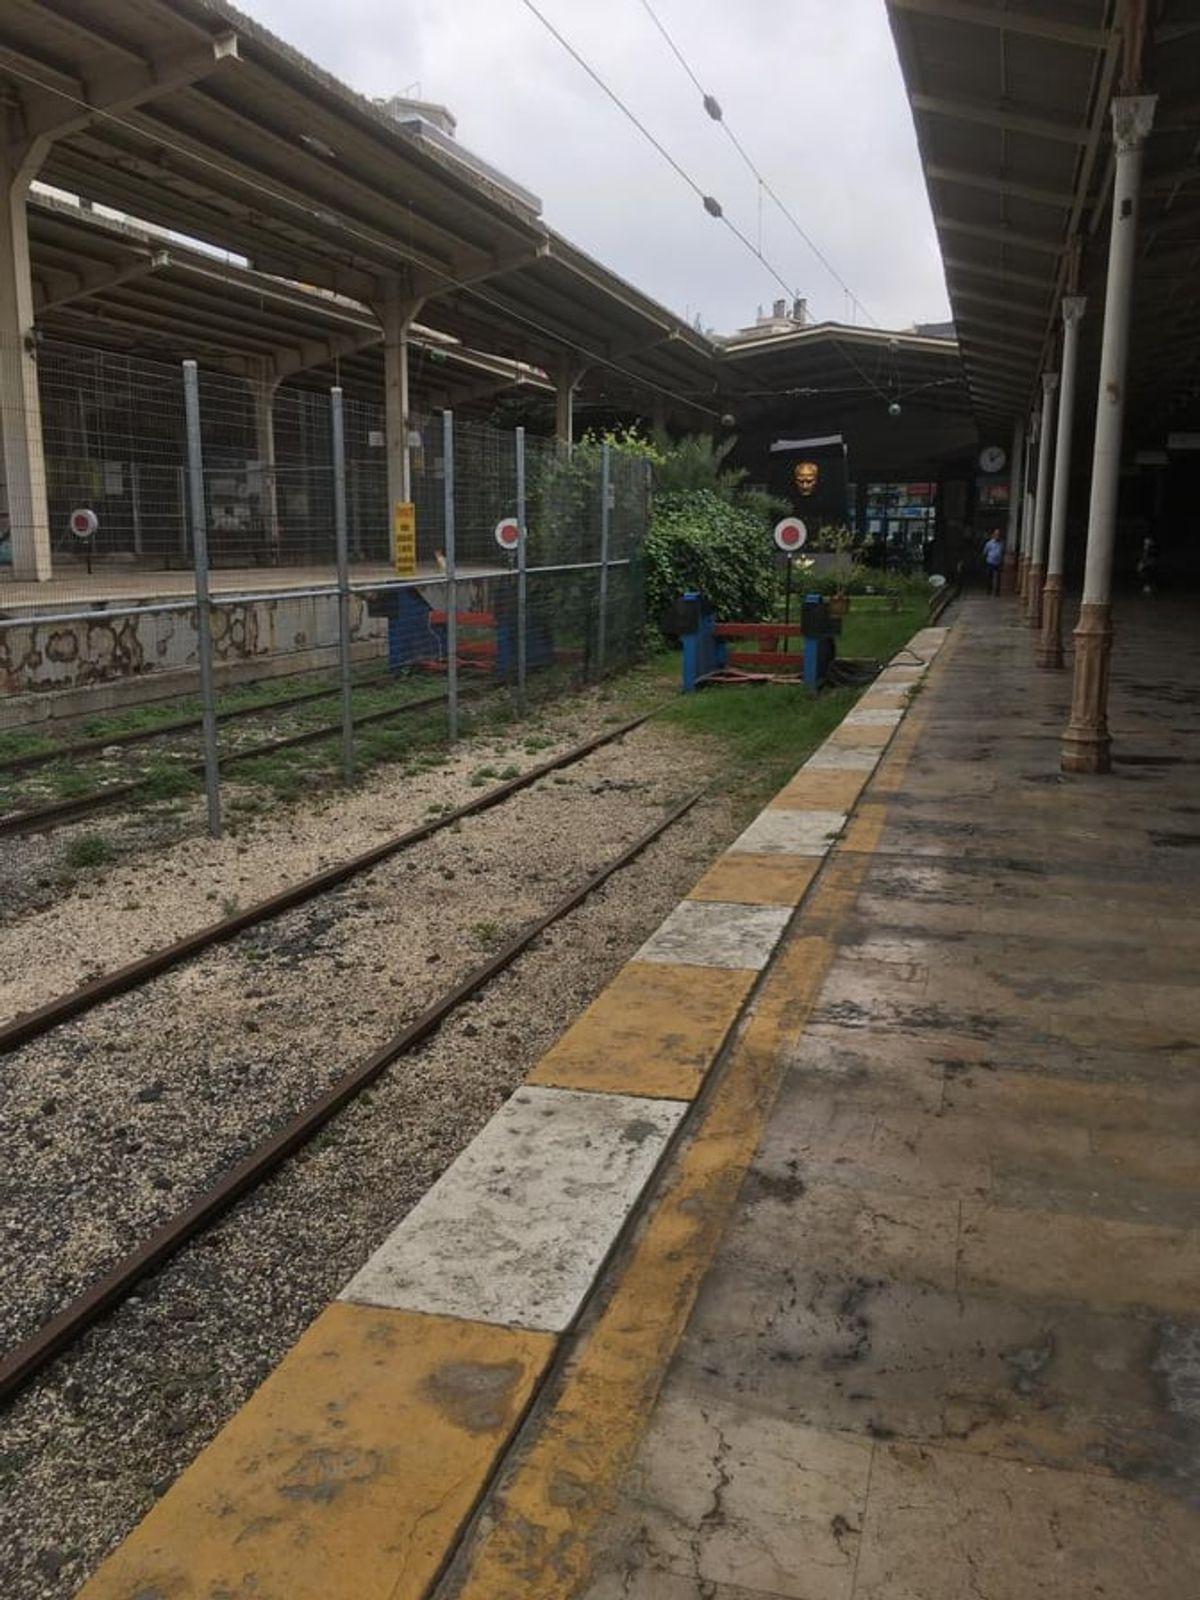 Sirkeci Tren Garı Uluslararası Tren İstasyonu